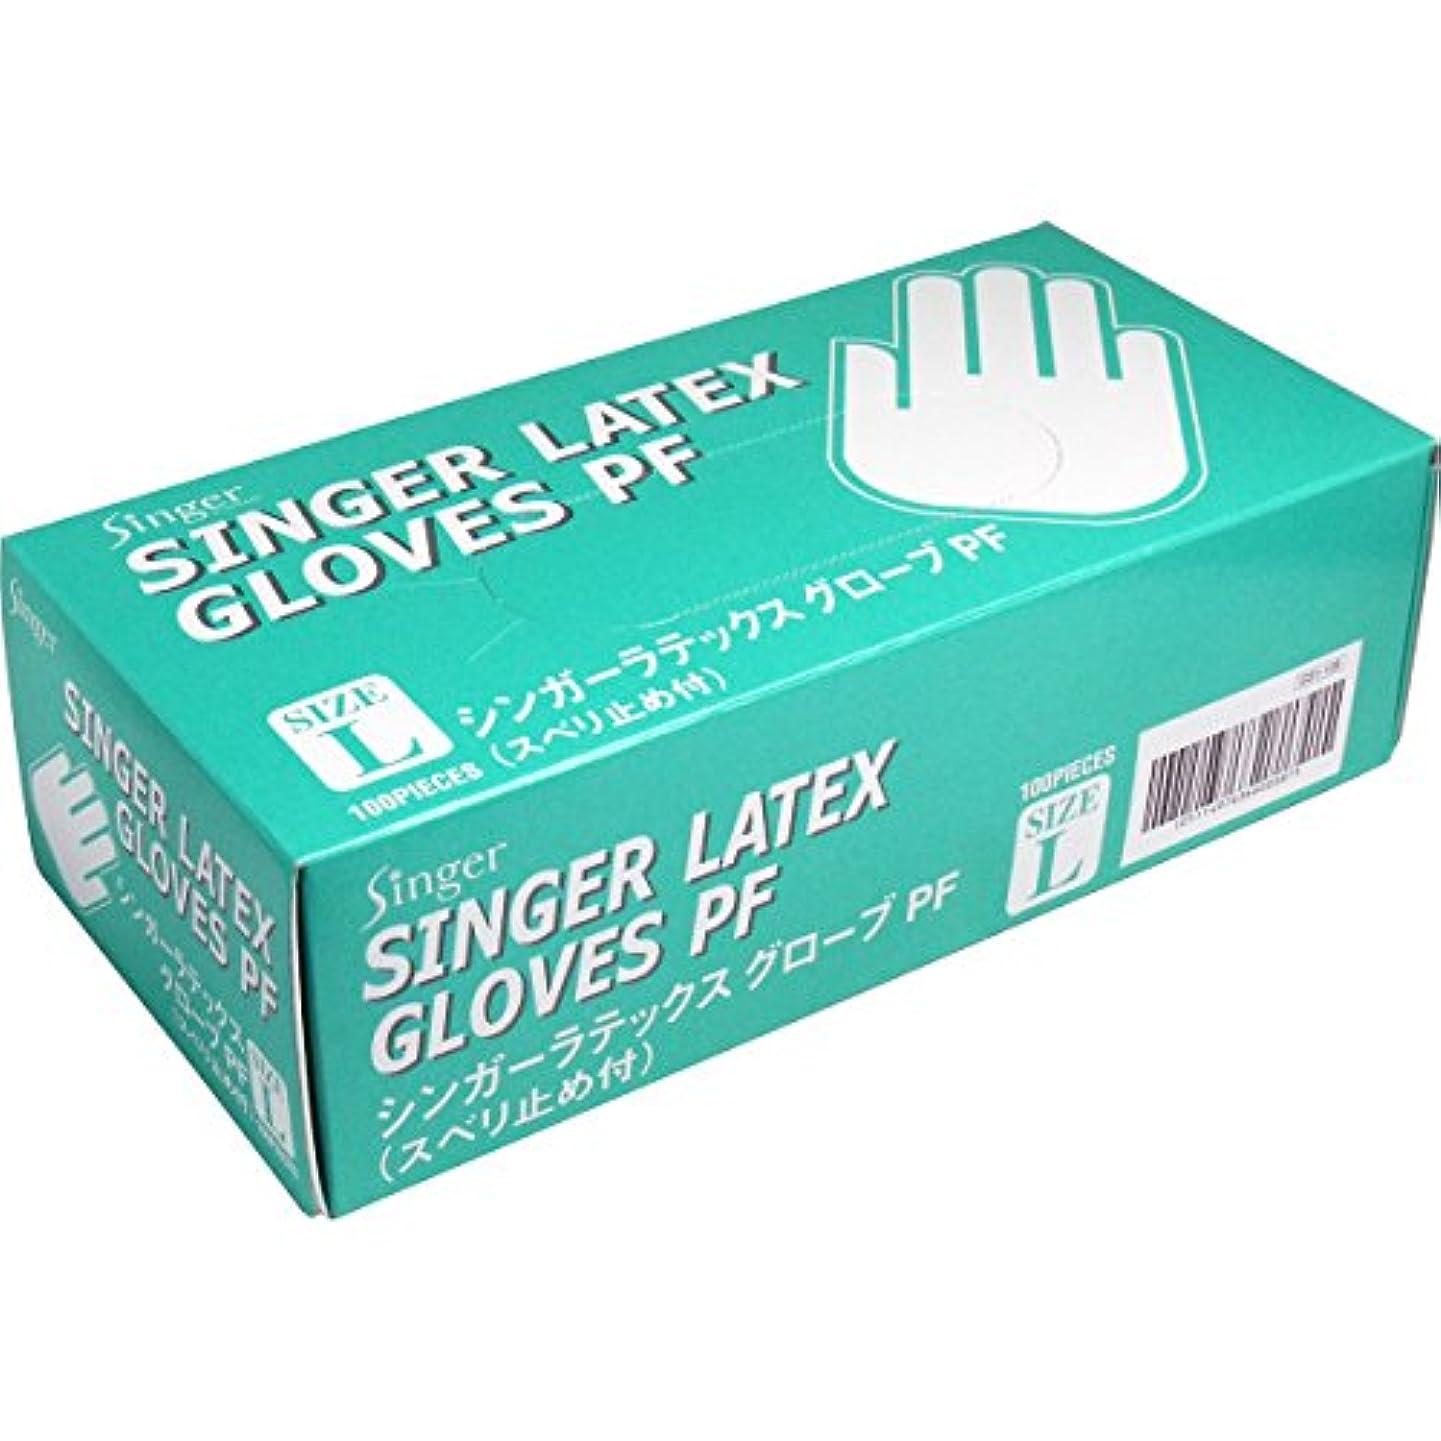 サスペンド酸っぱい脱走パウダーフリー手袋 素手感覚で使える 使いやすい シンガーラテックスグローブ パウダーフリー スベリ止め付 Lサイズ 100枚入【2個セット】